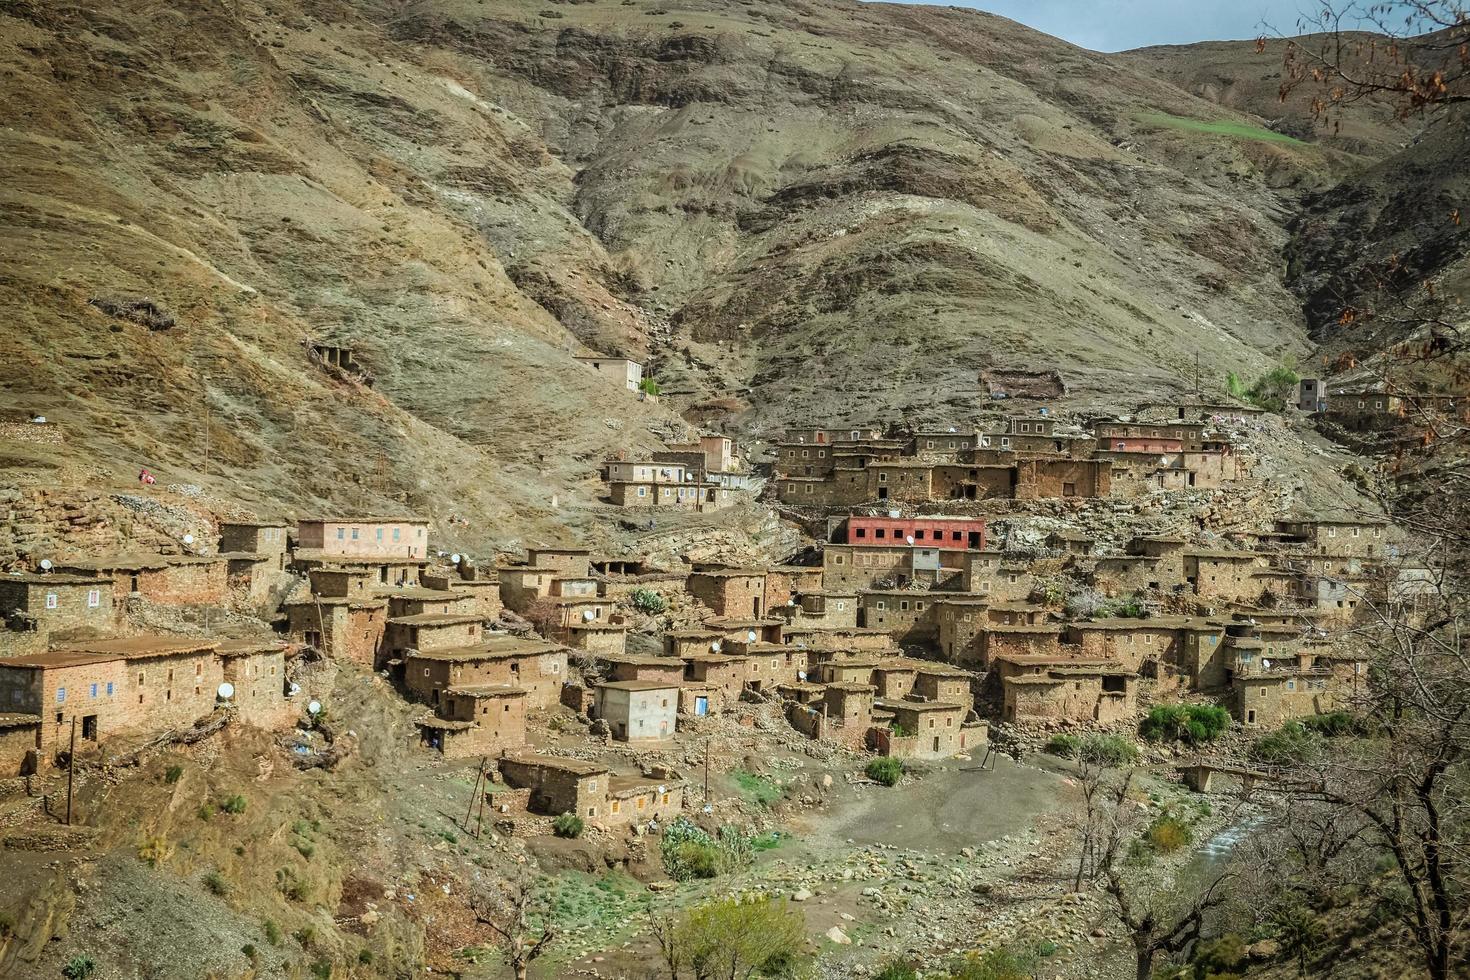 ein kleines Dorf in Marokko foto